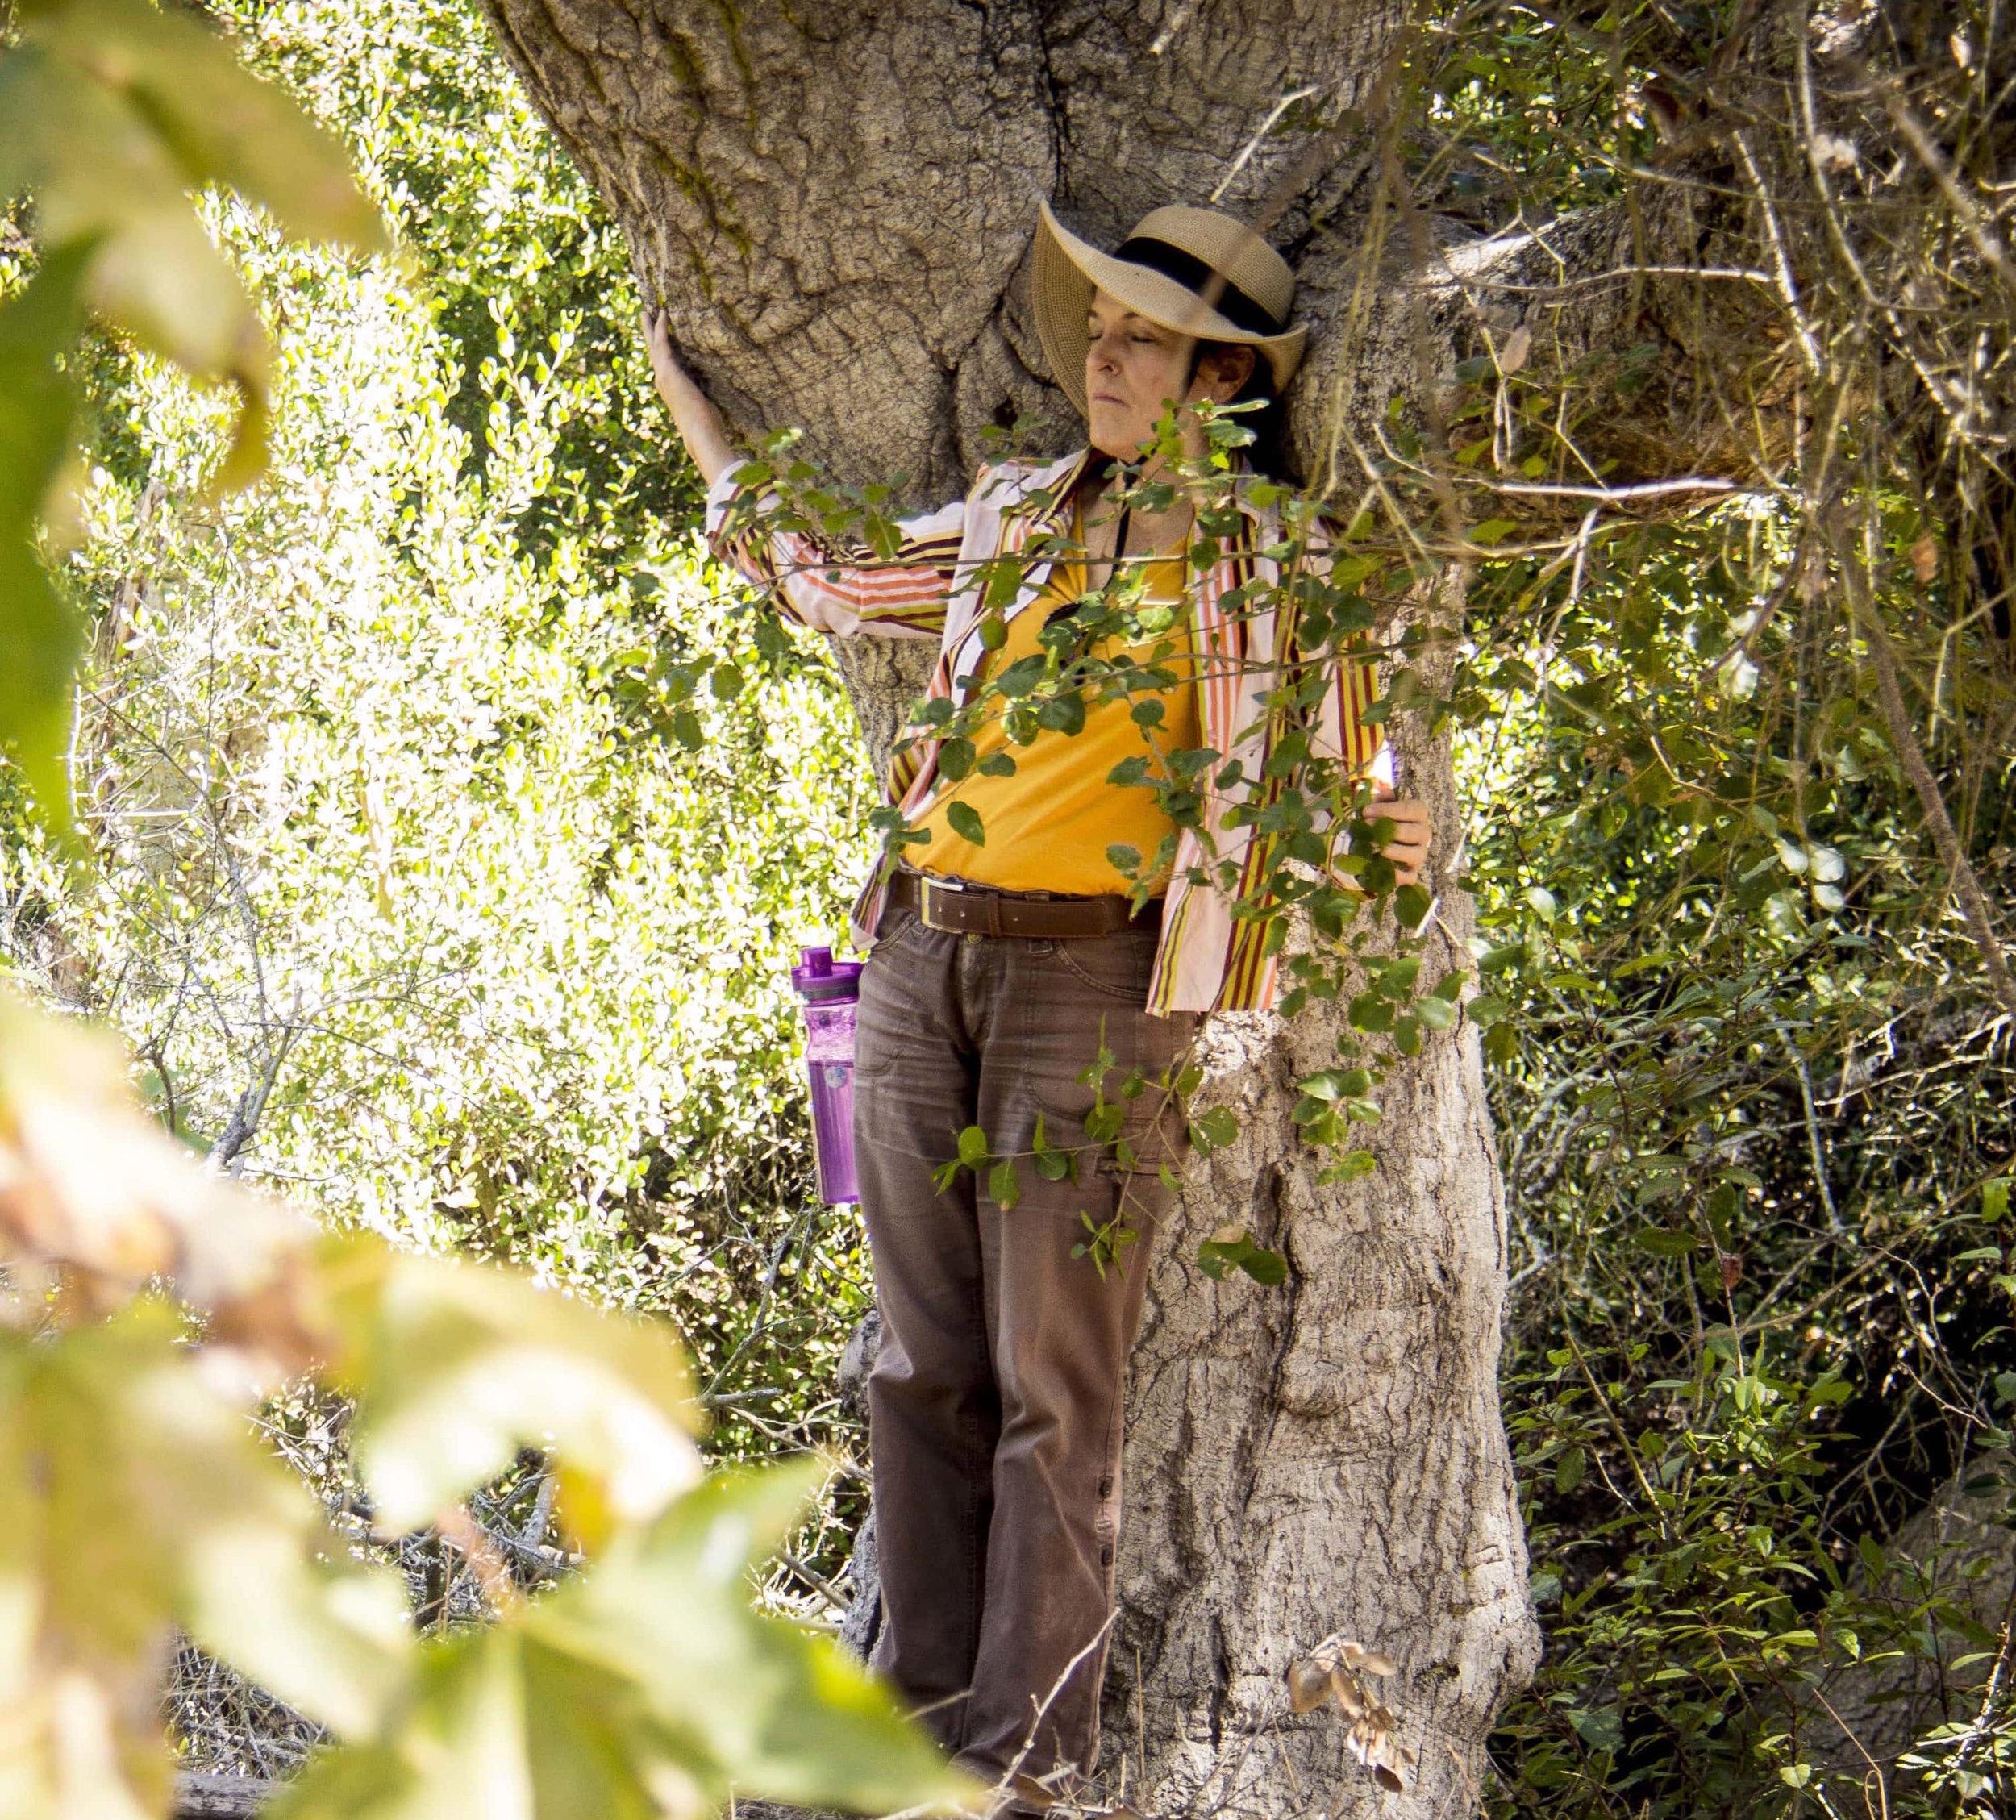 que son? - Los Baños de Bosque, o Shinrin Yoku, son experiencias guiadas de conexión con la naturaleza que te ayudan a desacelerar el ritmo, abrir todos tus sentidos, relajarte y reencontrarte de una forma que hace tiempo no sentías.